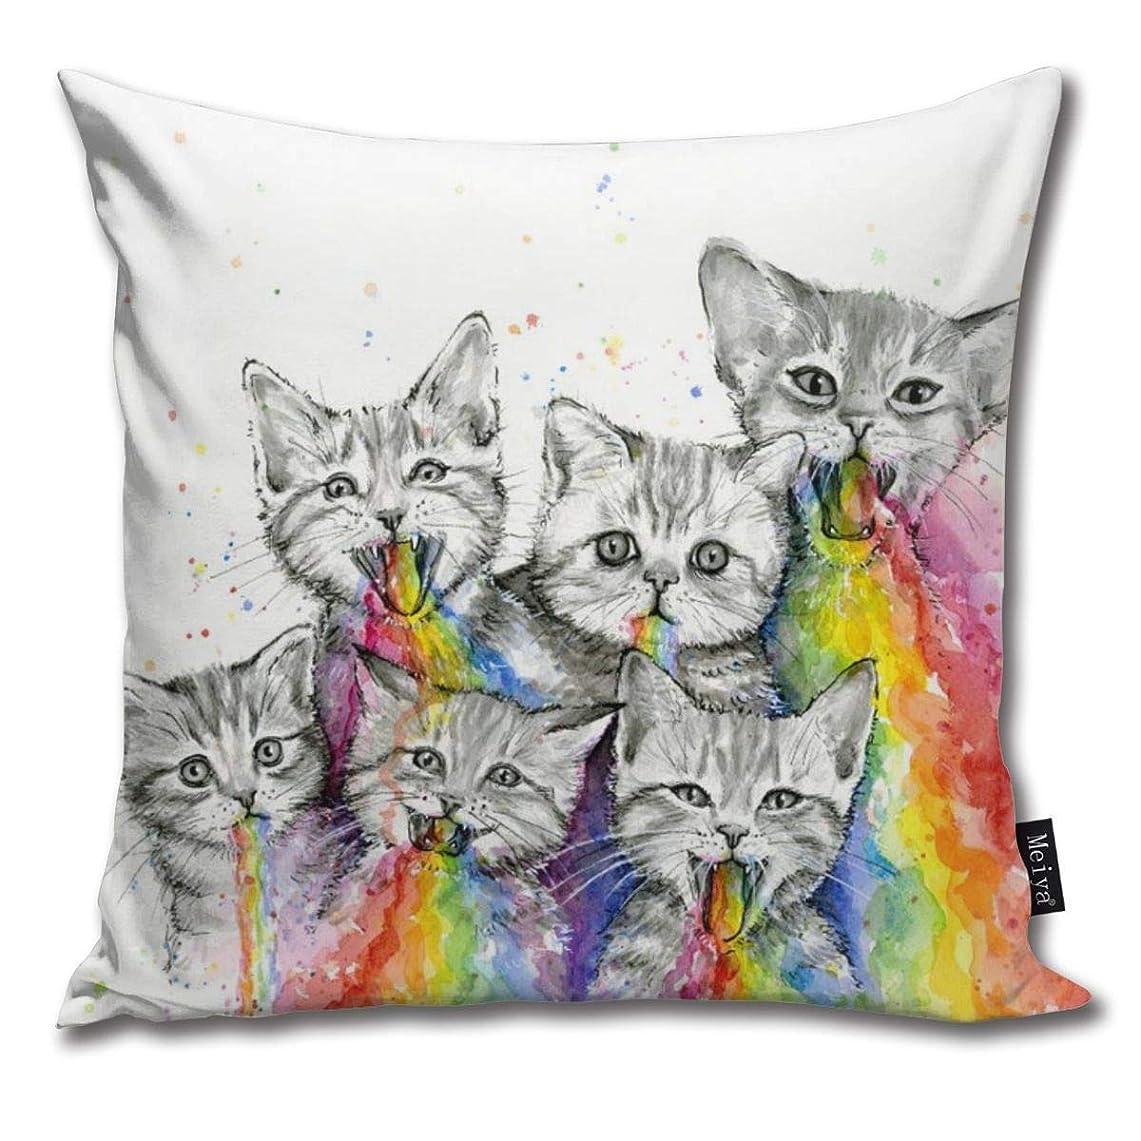 集団検出器原因枕子猫Puking Rainbowsの装飾枕カバーはソファとソファ用のクッションカバーを投げます45x45 cm